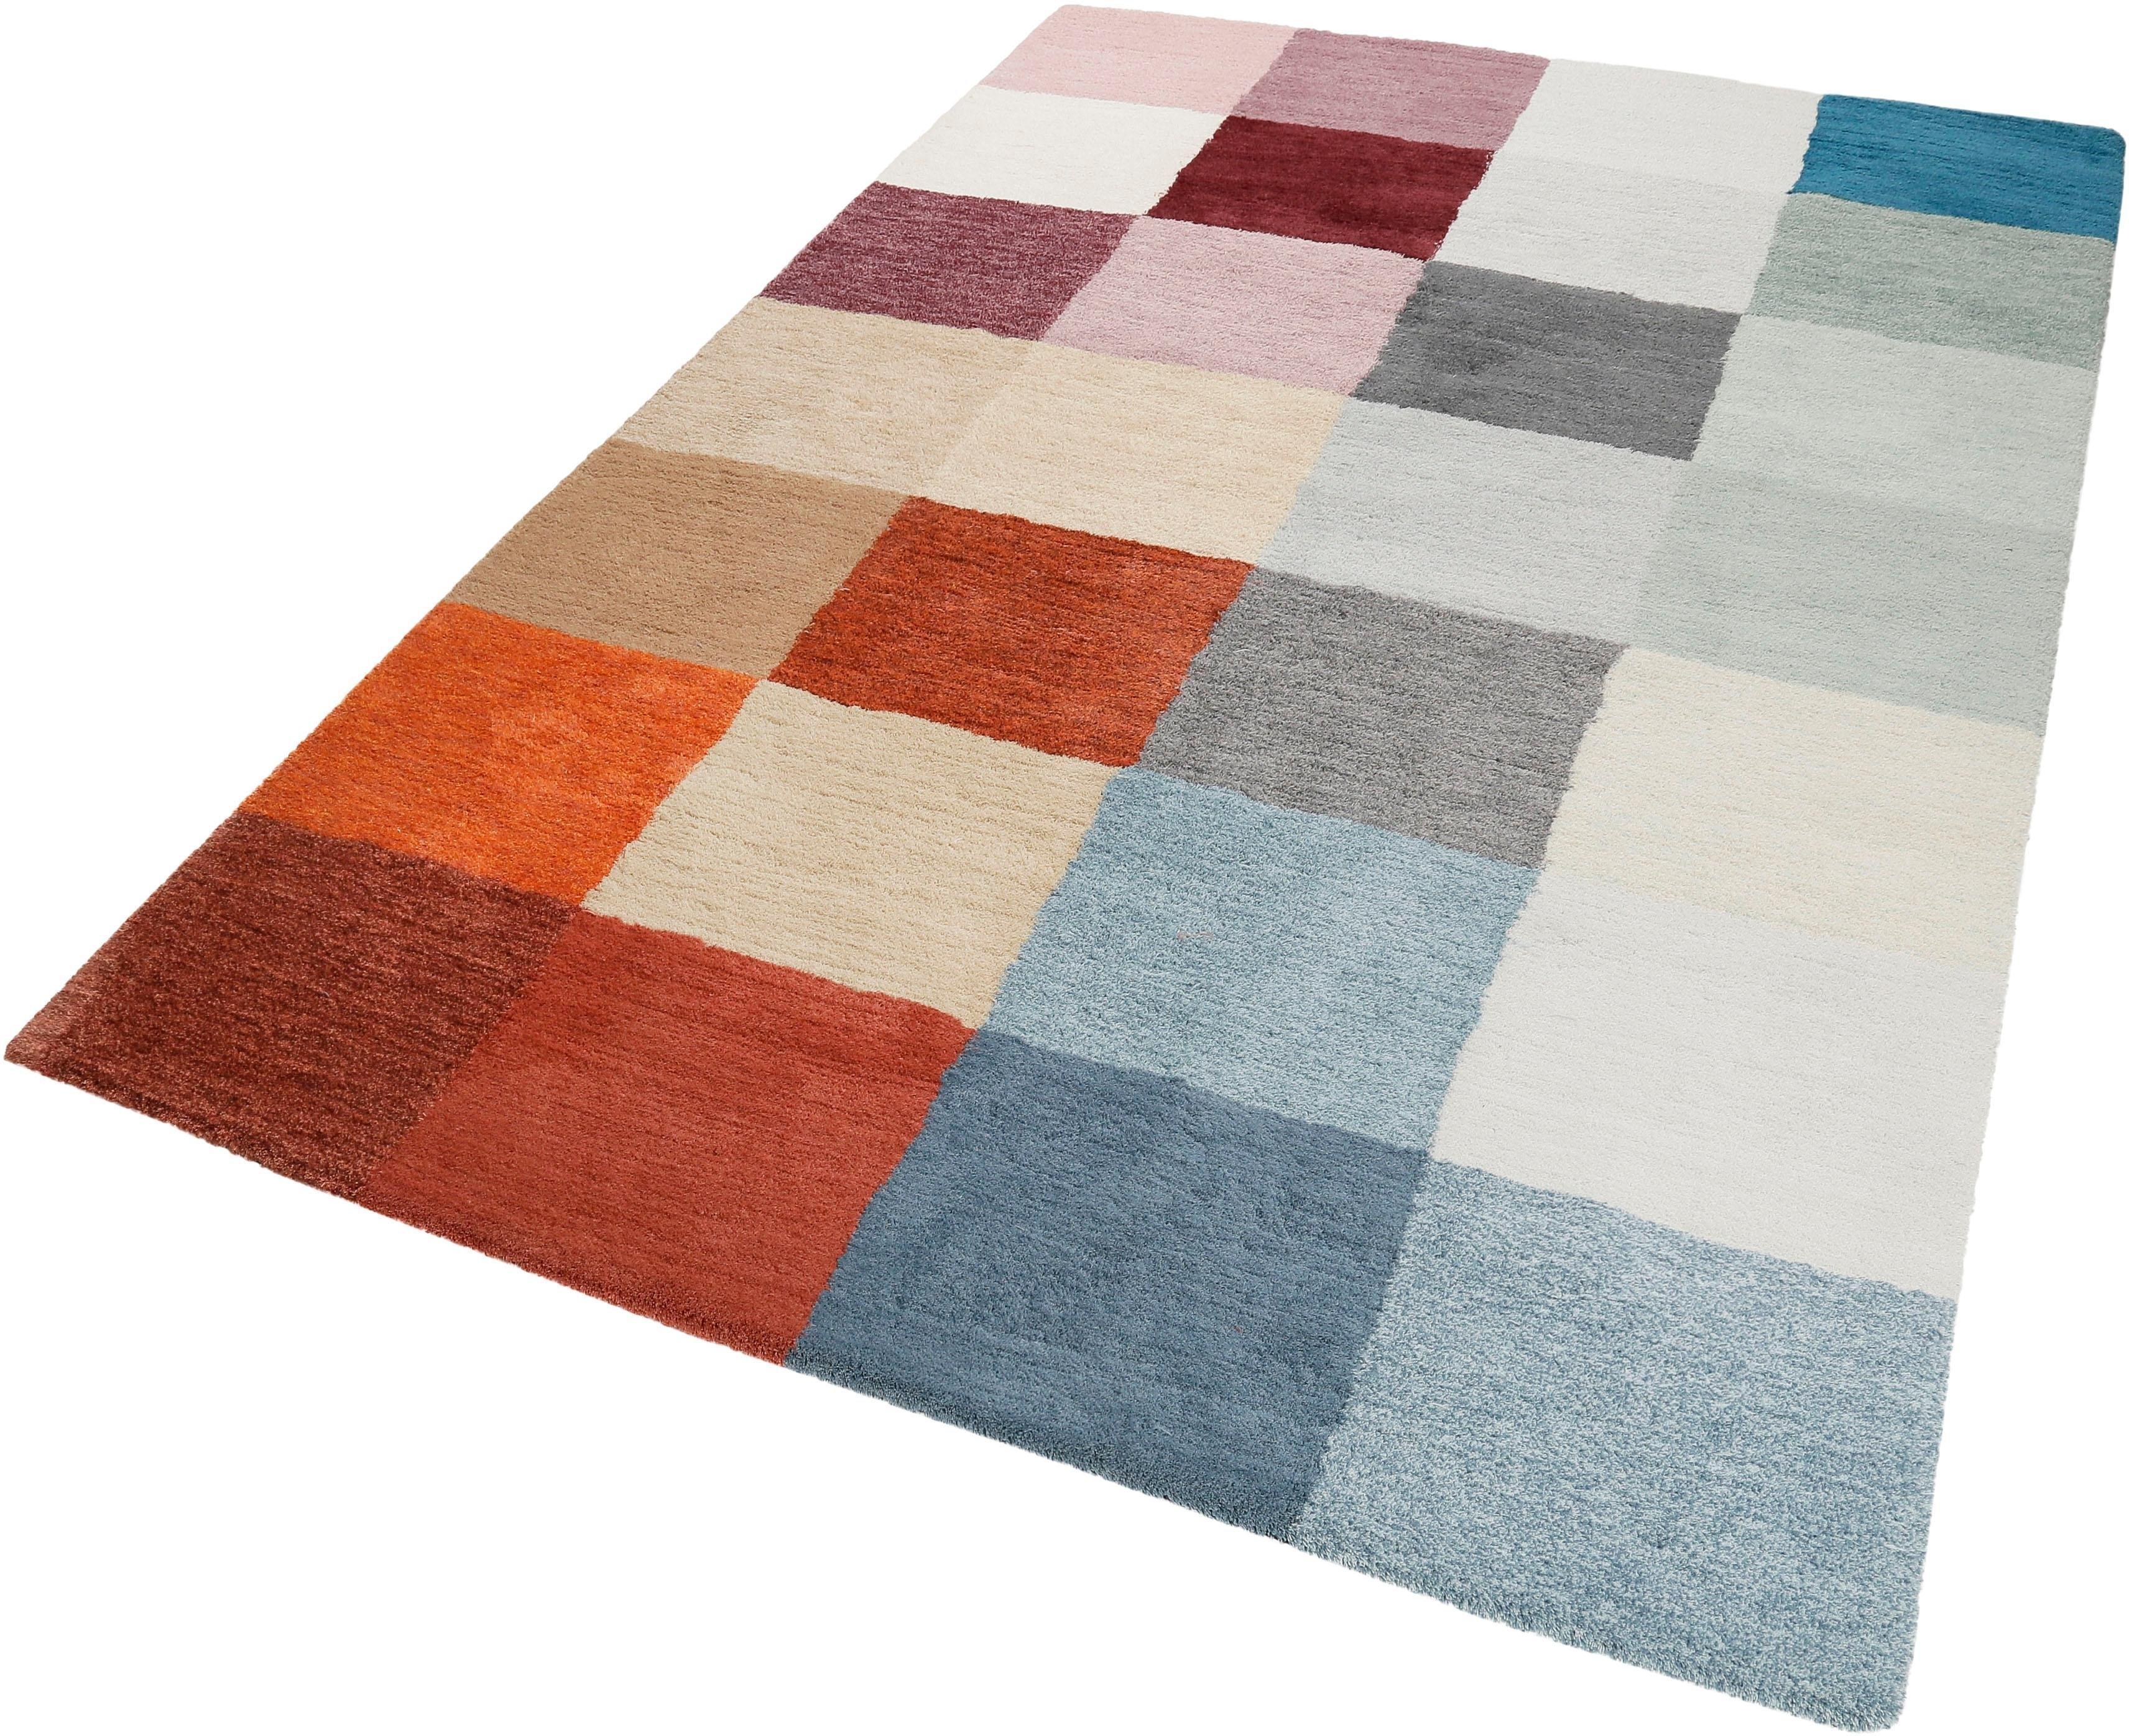 ESPRIT Vloerkleed, »#Loft Karo«, rechthoekig, hoogte 20 mm, handgetuft goedkoop op otto.nl kopen